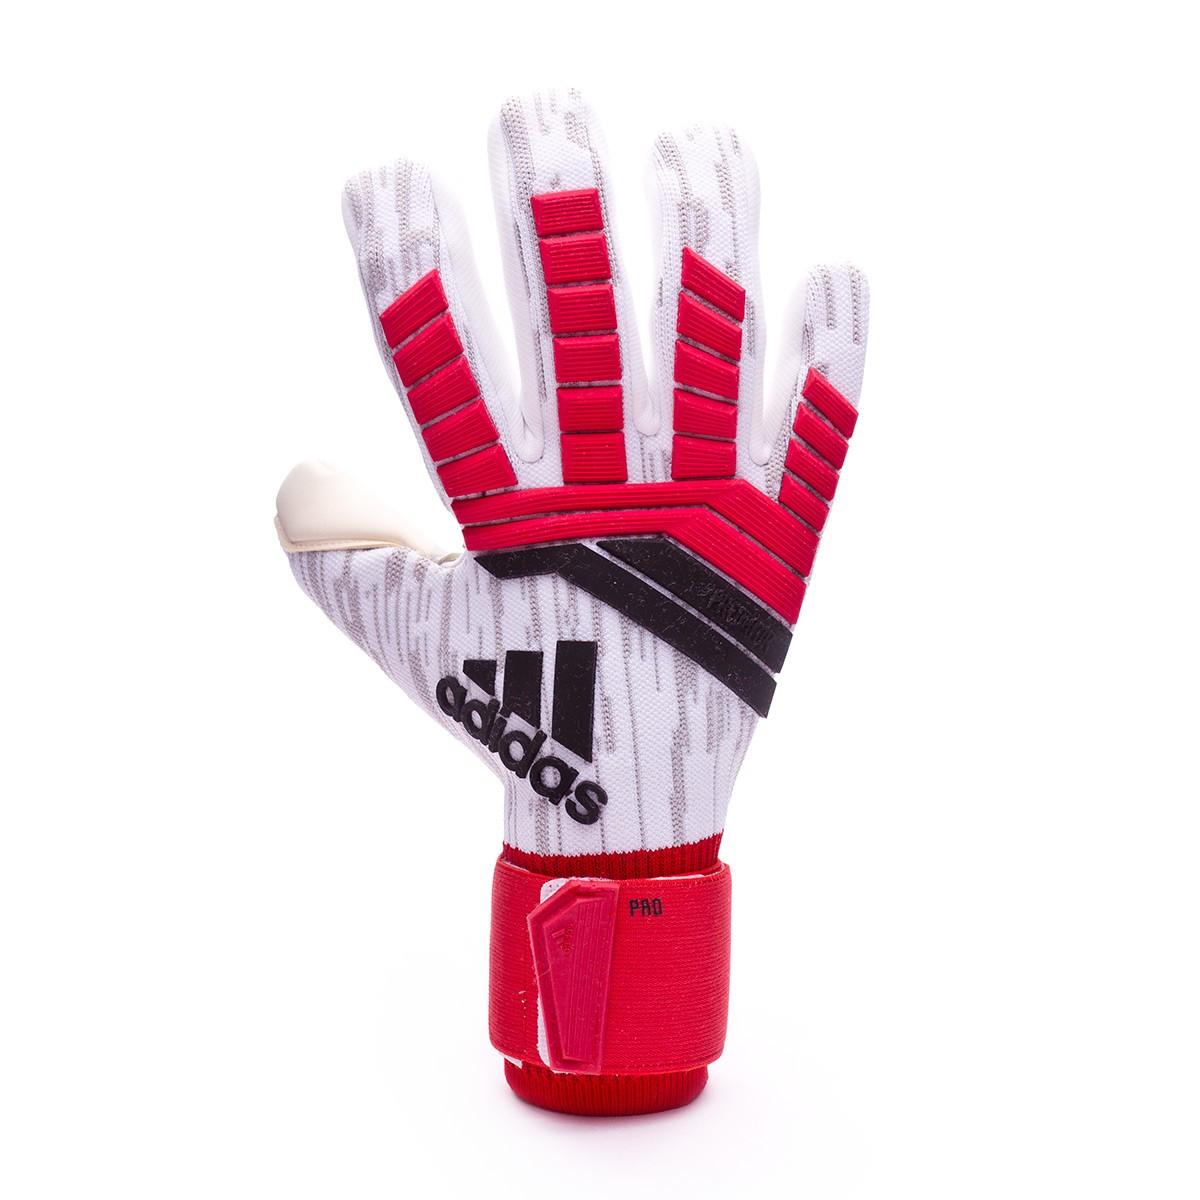 Guante de portero adidas Predator Pro Real coral-Black-White ... 893f755f34b56